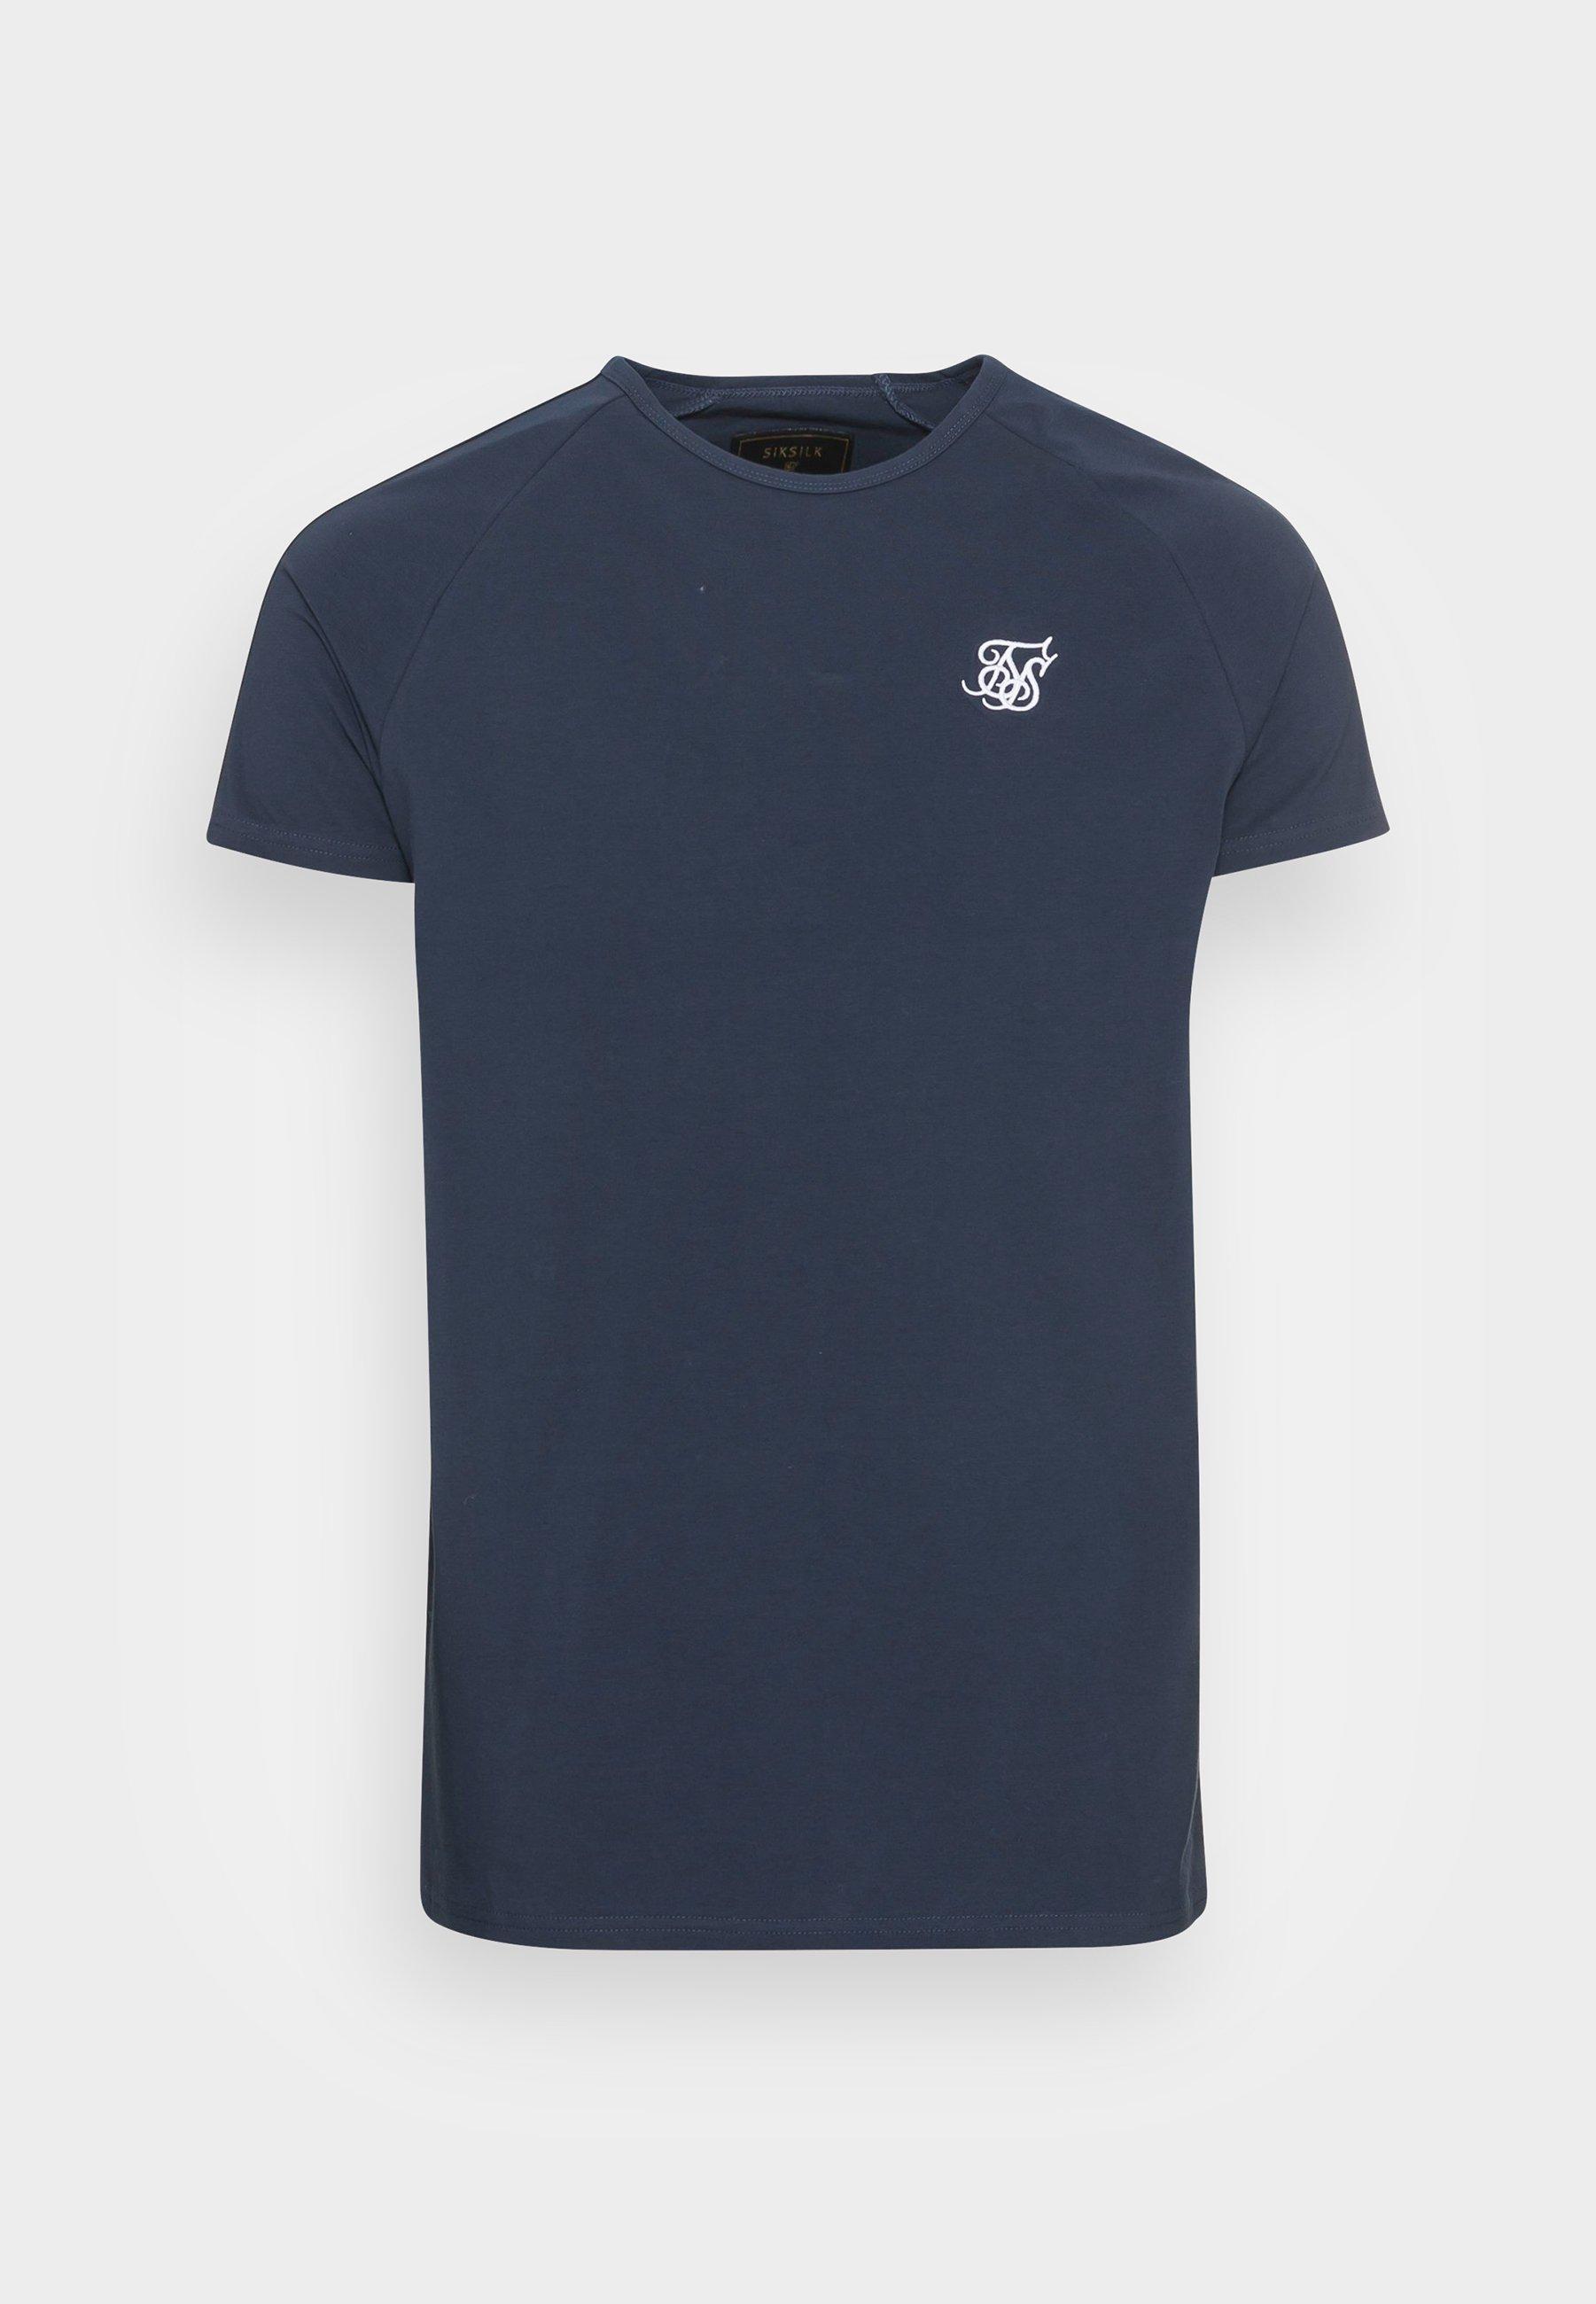 Uomo SIKSILK STATUS TAPE TEE - T-shirt basic